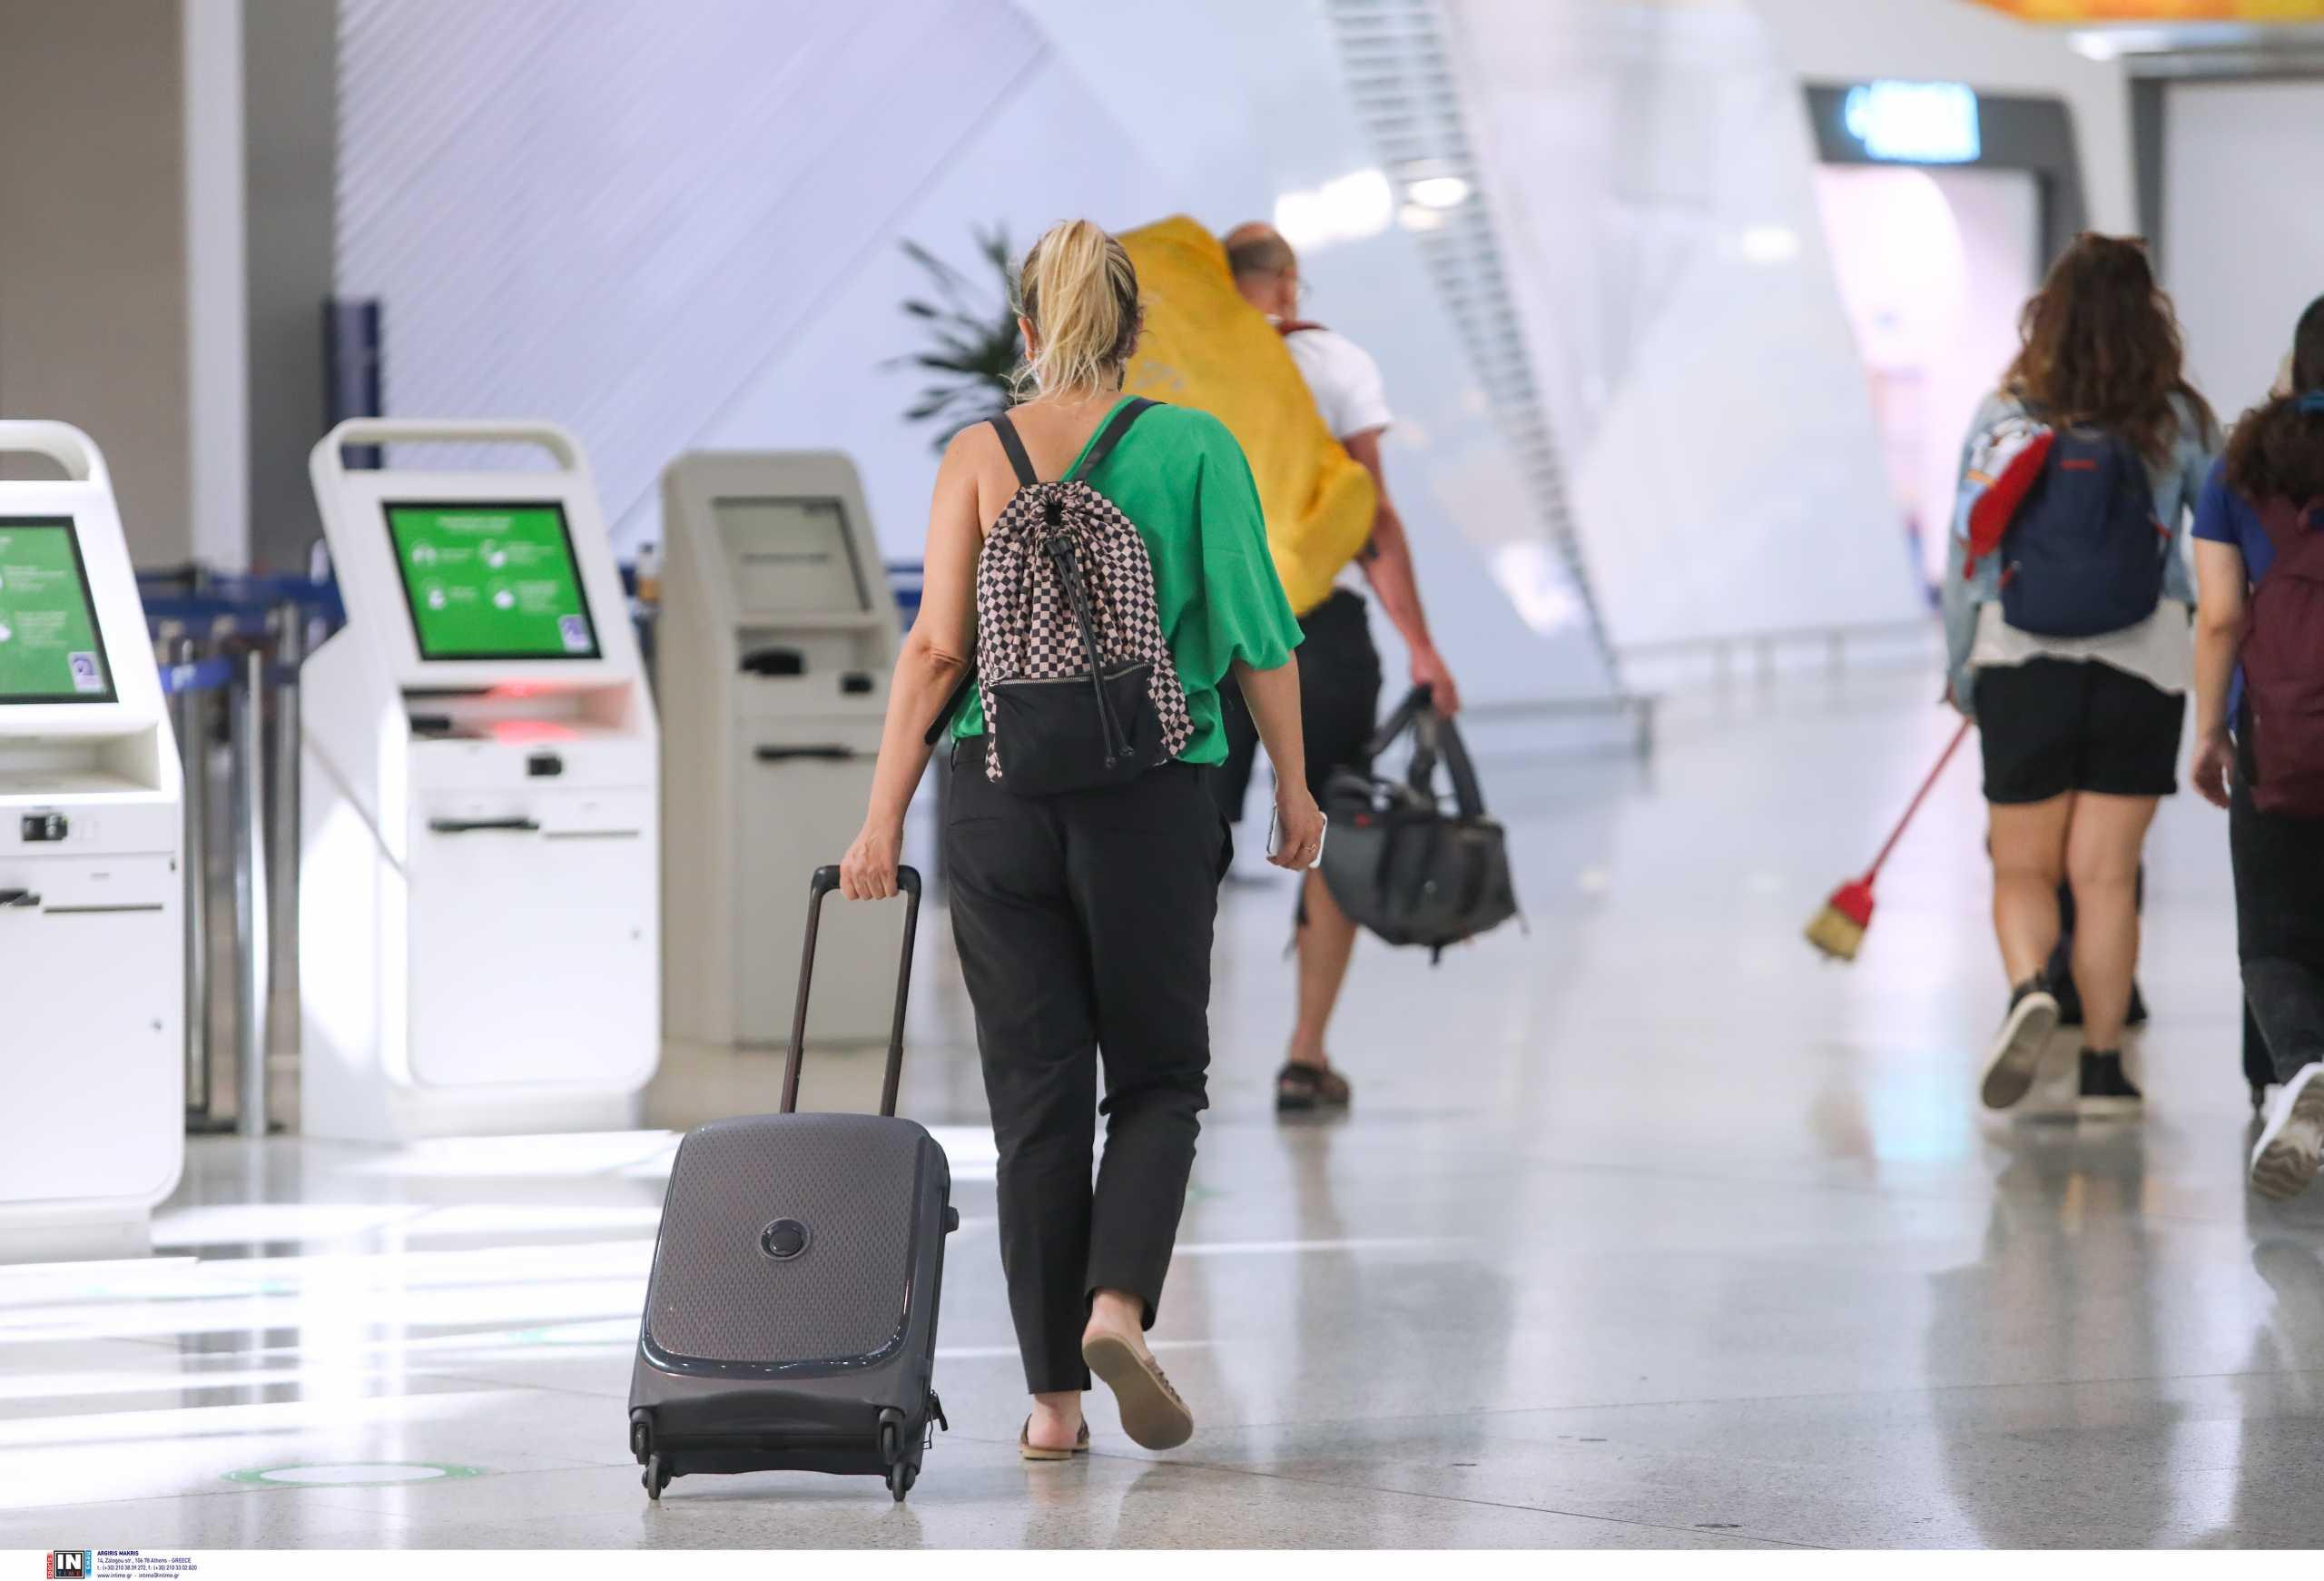 Υπηρεσία Πολιτικής Αεροπορίας: Αλλάζει το χρονικό όριο διάρκειας της βεβαίωσης νόσησης κορονοϊού